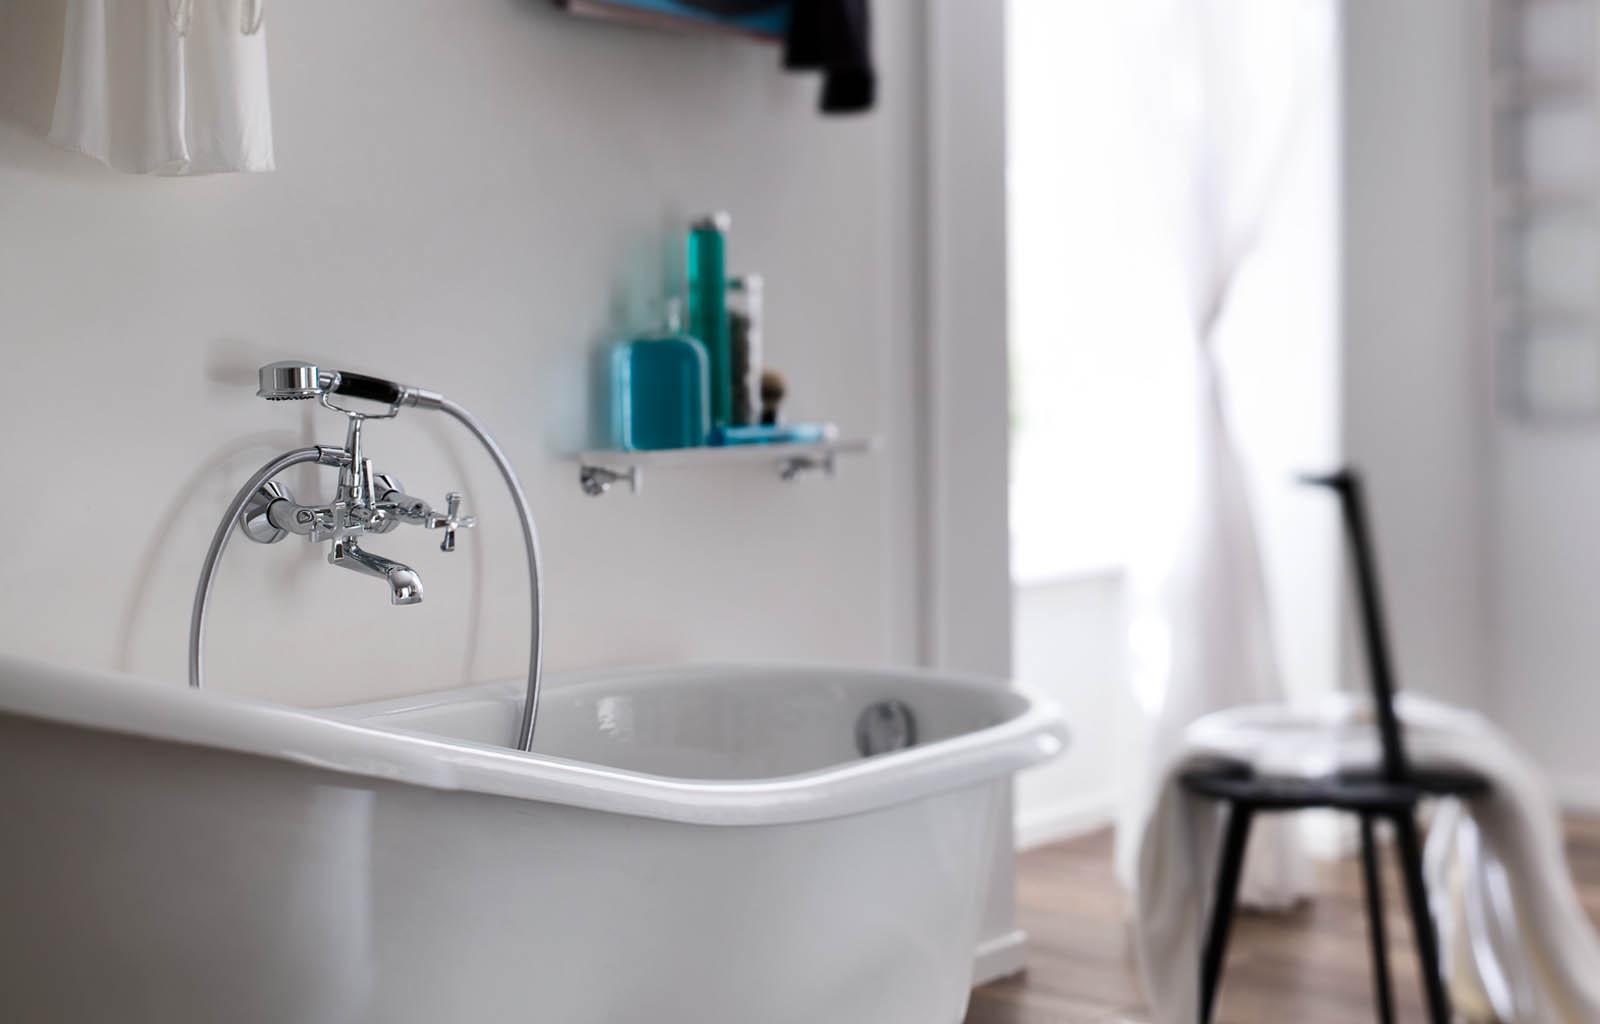 Carlos primero bathroom design malta for Bathroom design malta